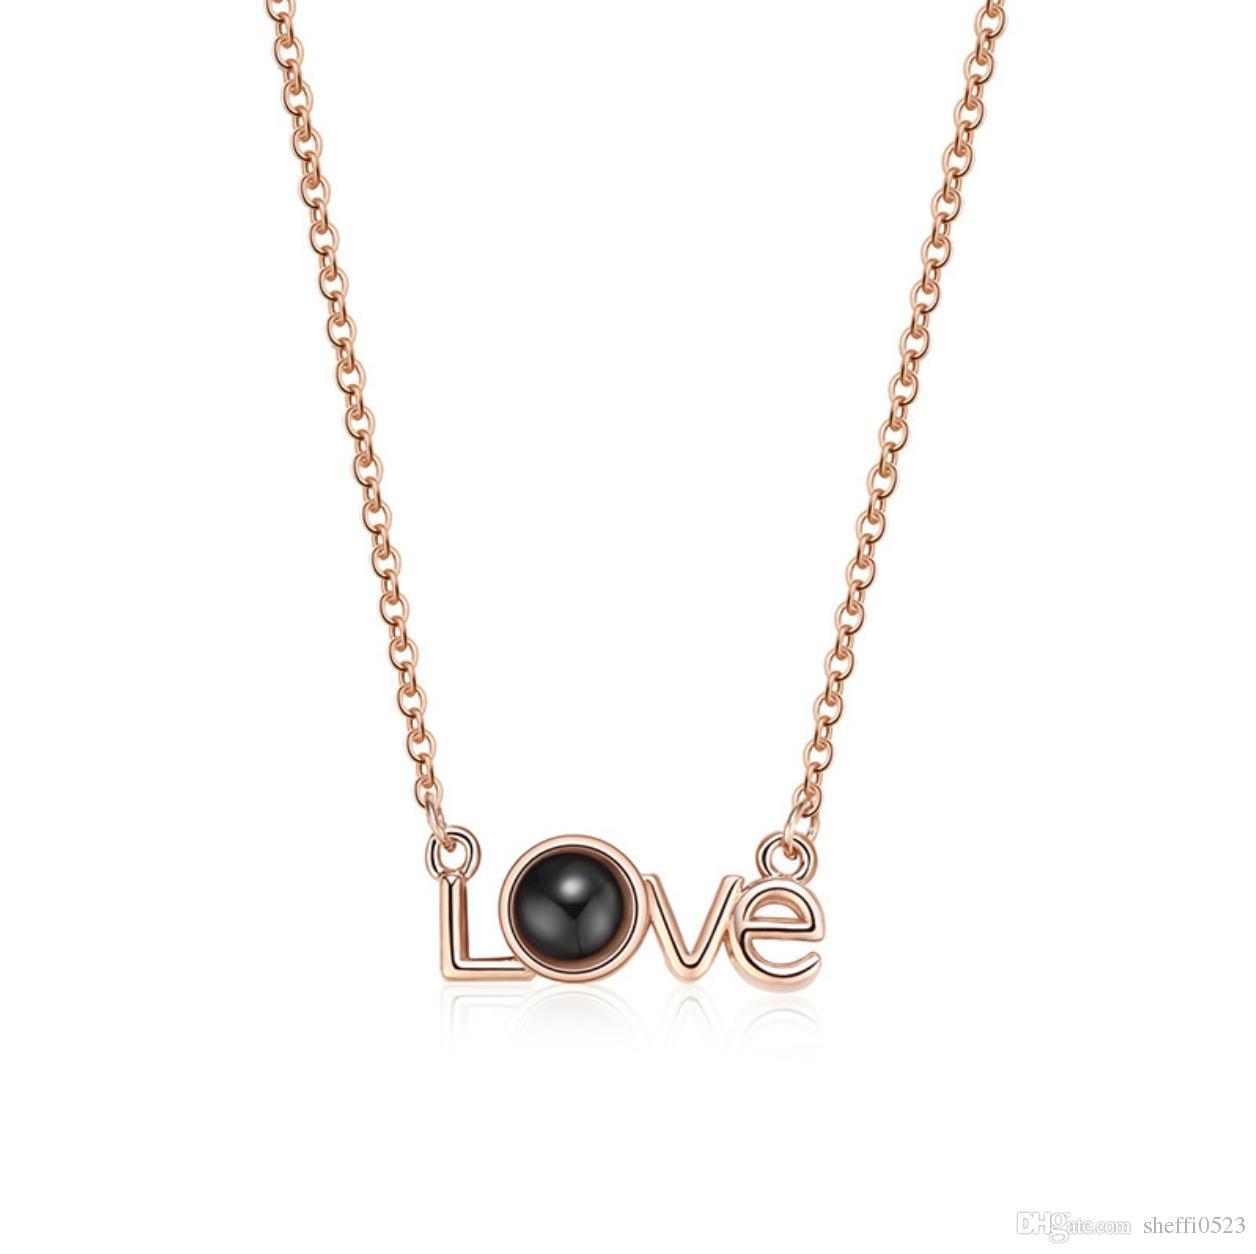 Moda AMOR em forma de colar de pingente de jóias duas cores hot vendas de alta qualidade mais recente jóia eu te amo jóias 1592